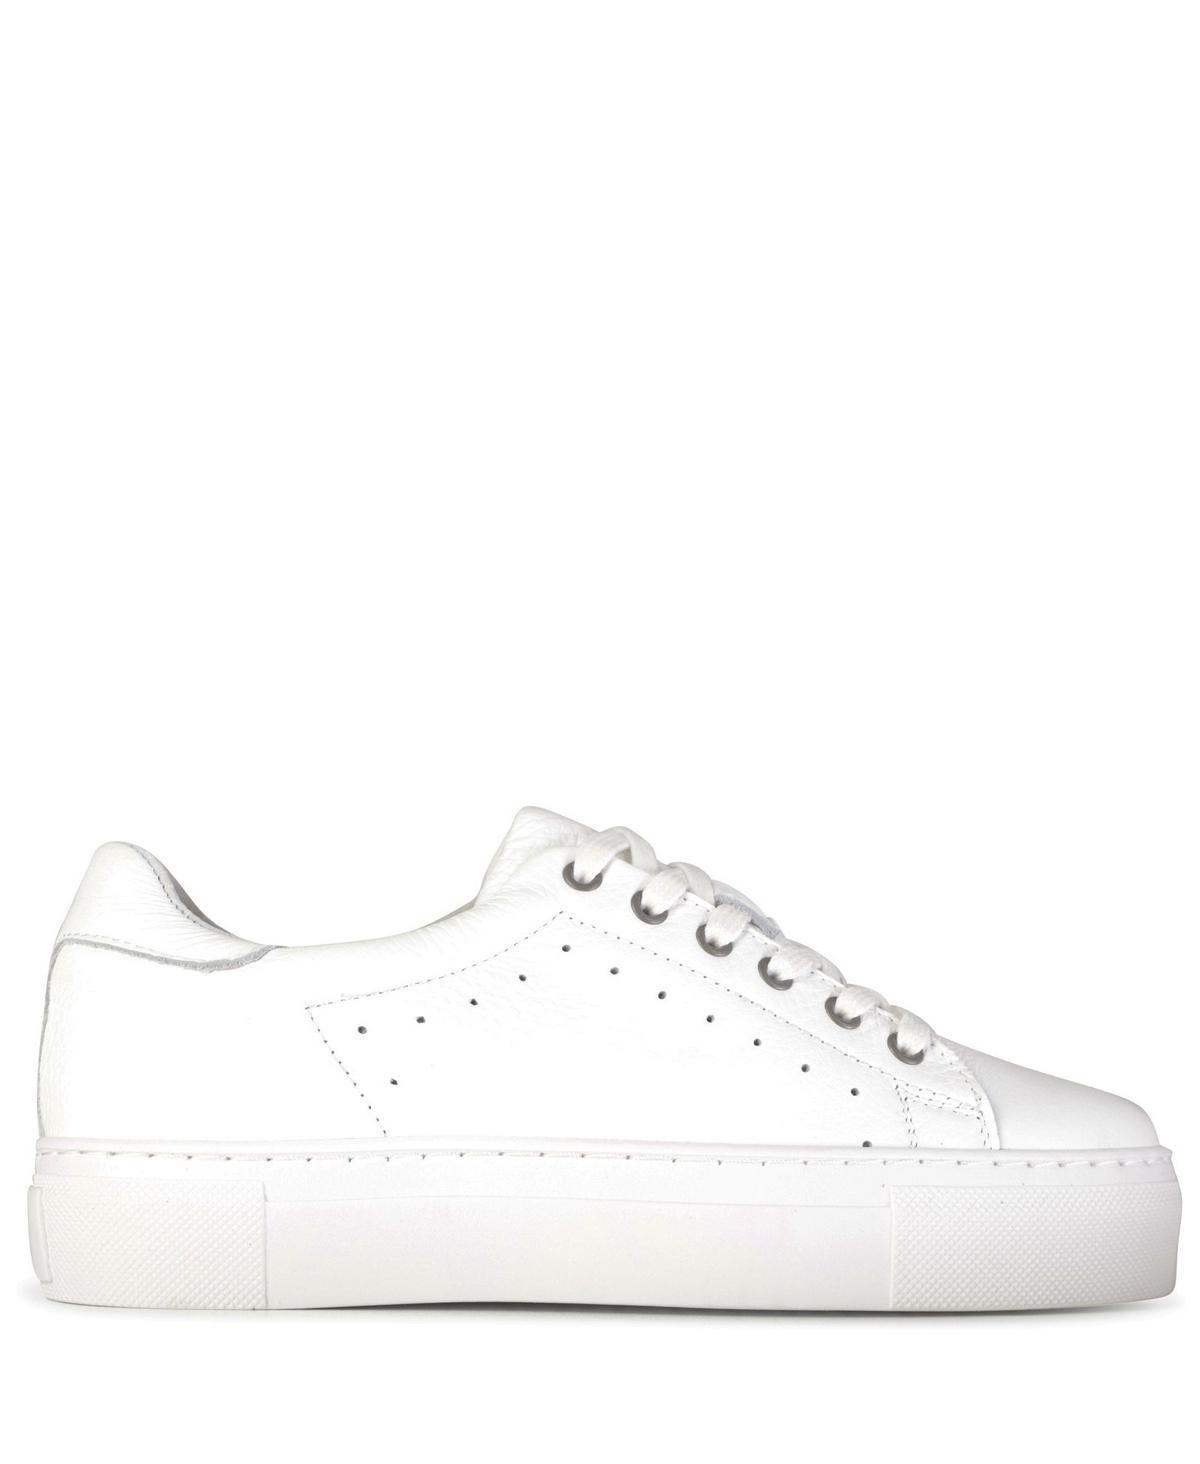 Poelman Sneaker Wit P5884POE